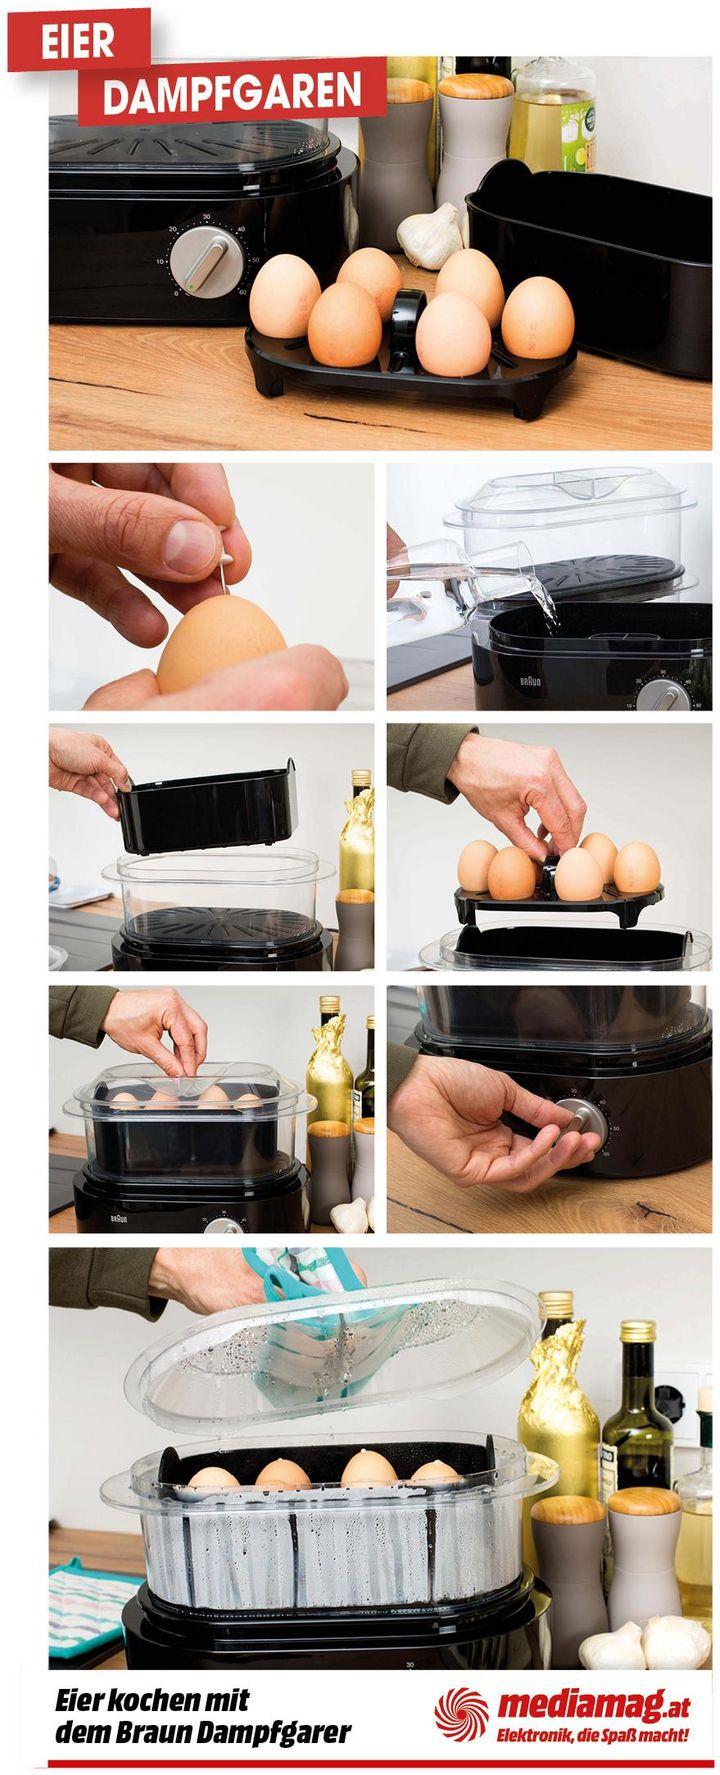 Der Braun Dampfgarer eignet sich hervorragend zur Zubereitung der Frühstückseier.